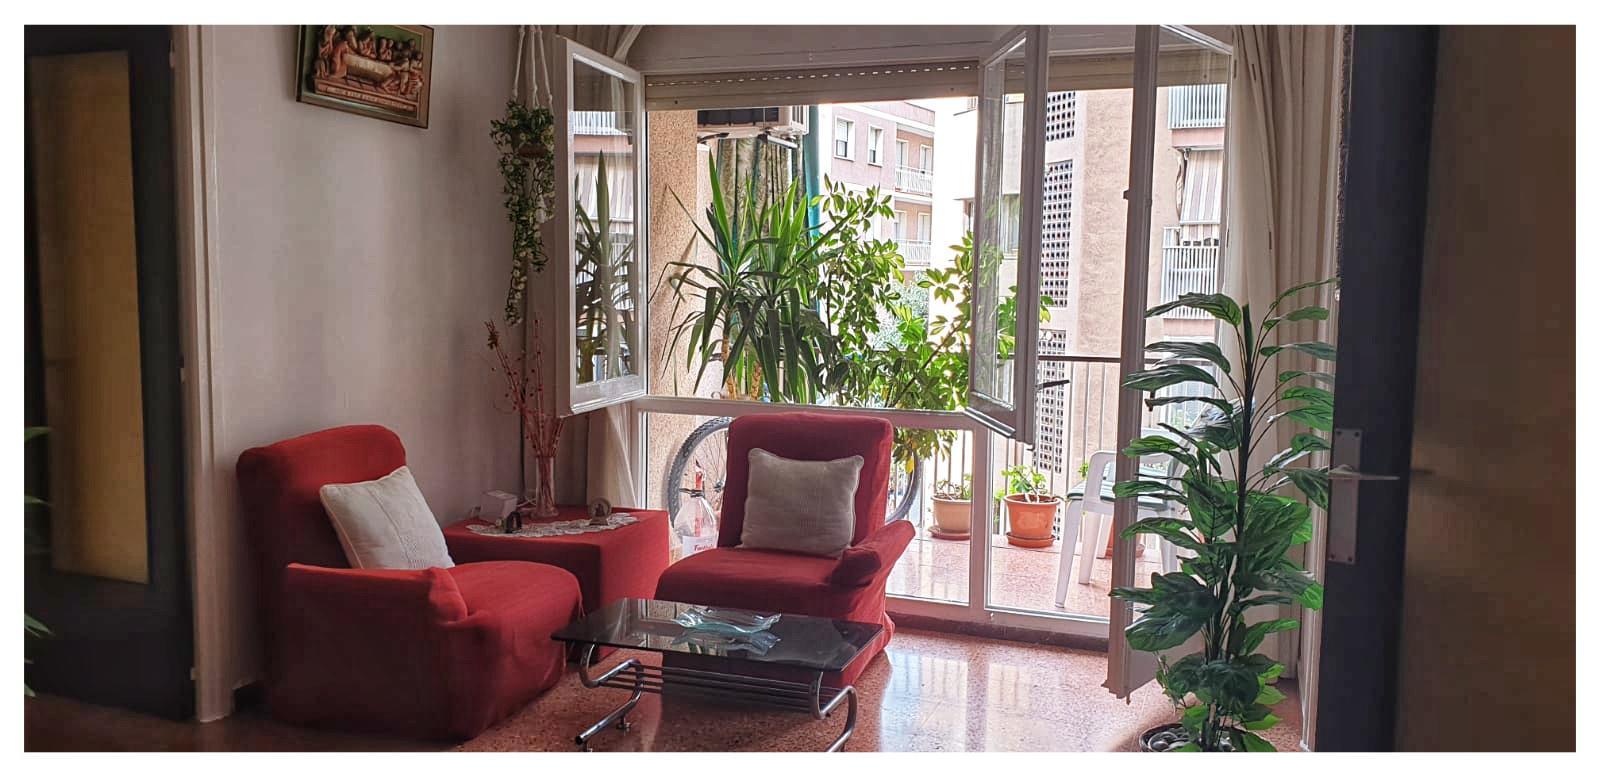 224712 - Piso 4 habitaciones,1 baño, aseo, 2 balcones y ascensor